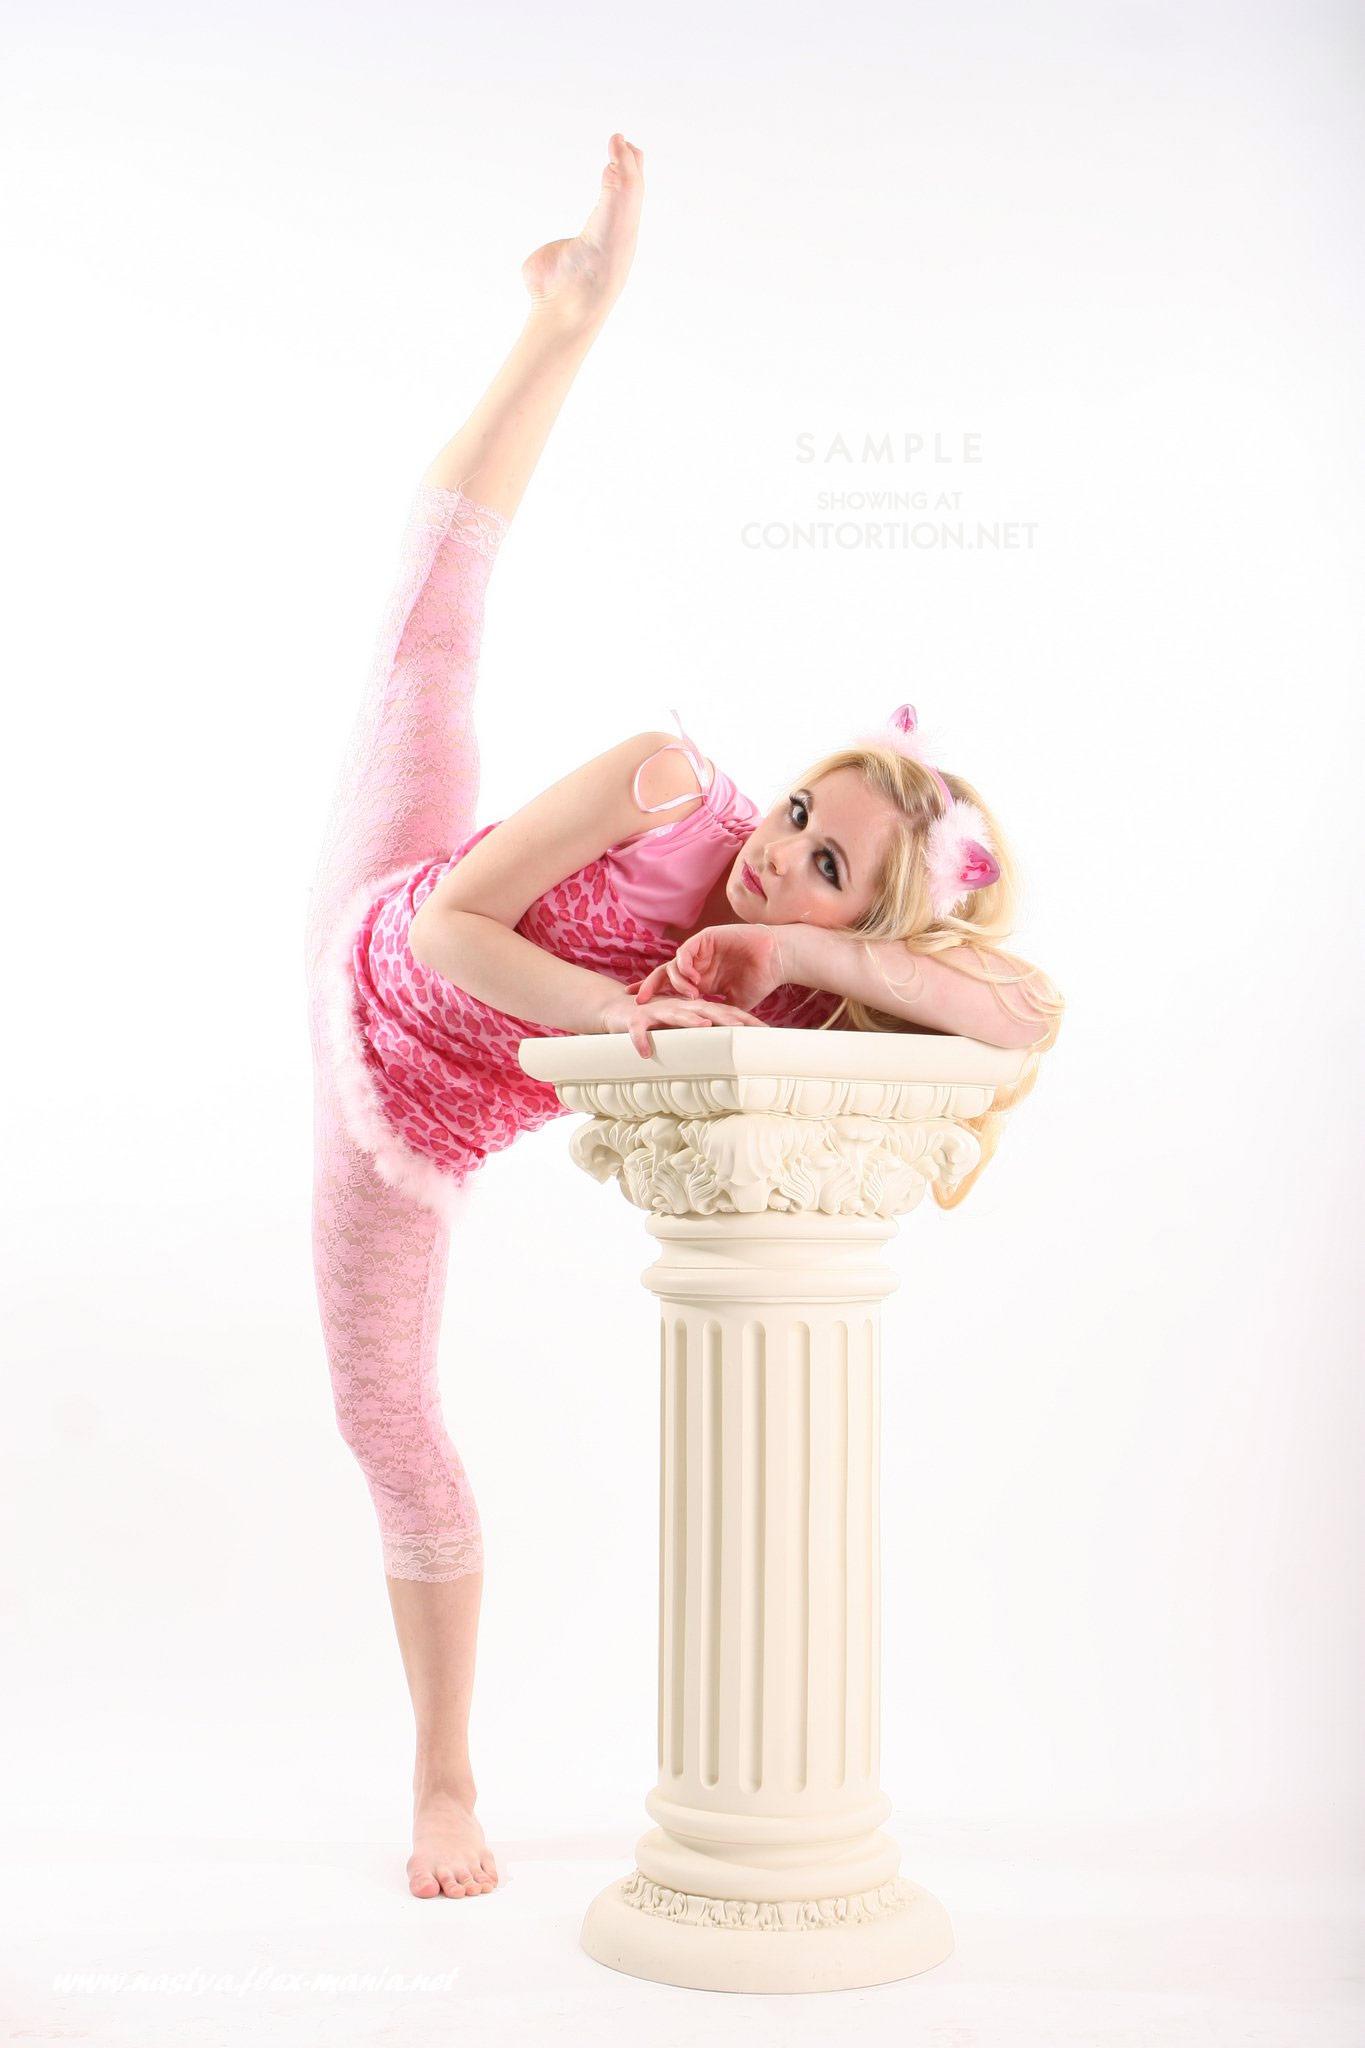 flexible nastya Sexy girl